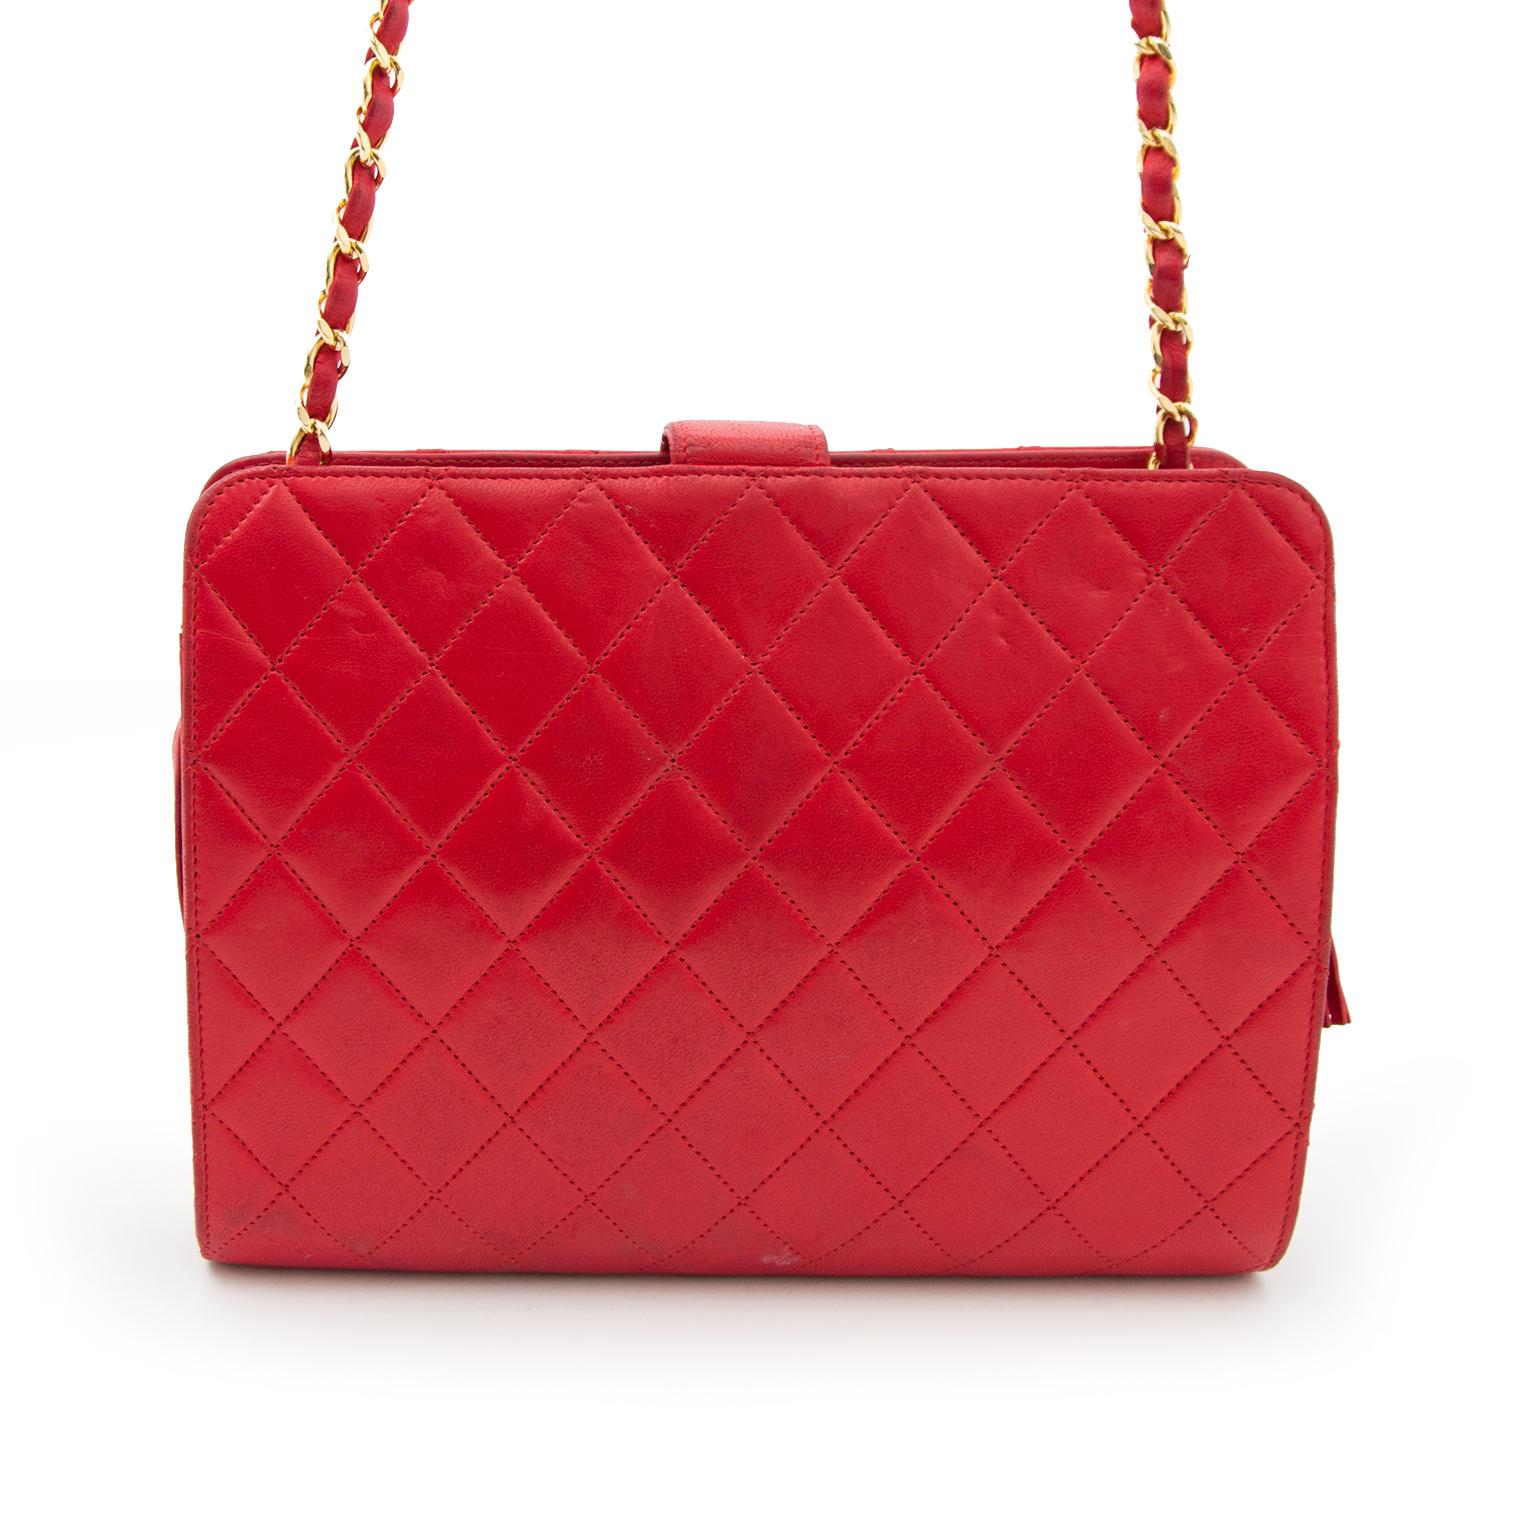 Acheter en ligne chez Labellov.com Chanel Red Quilted Shoulder Bag